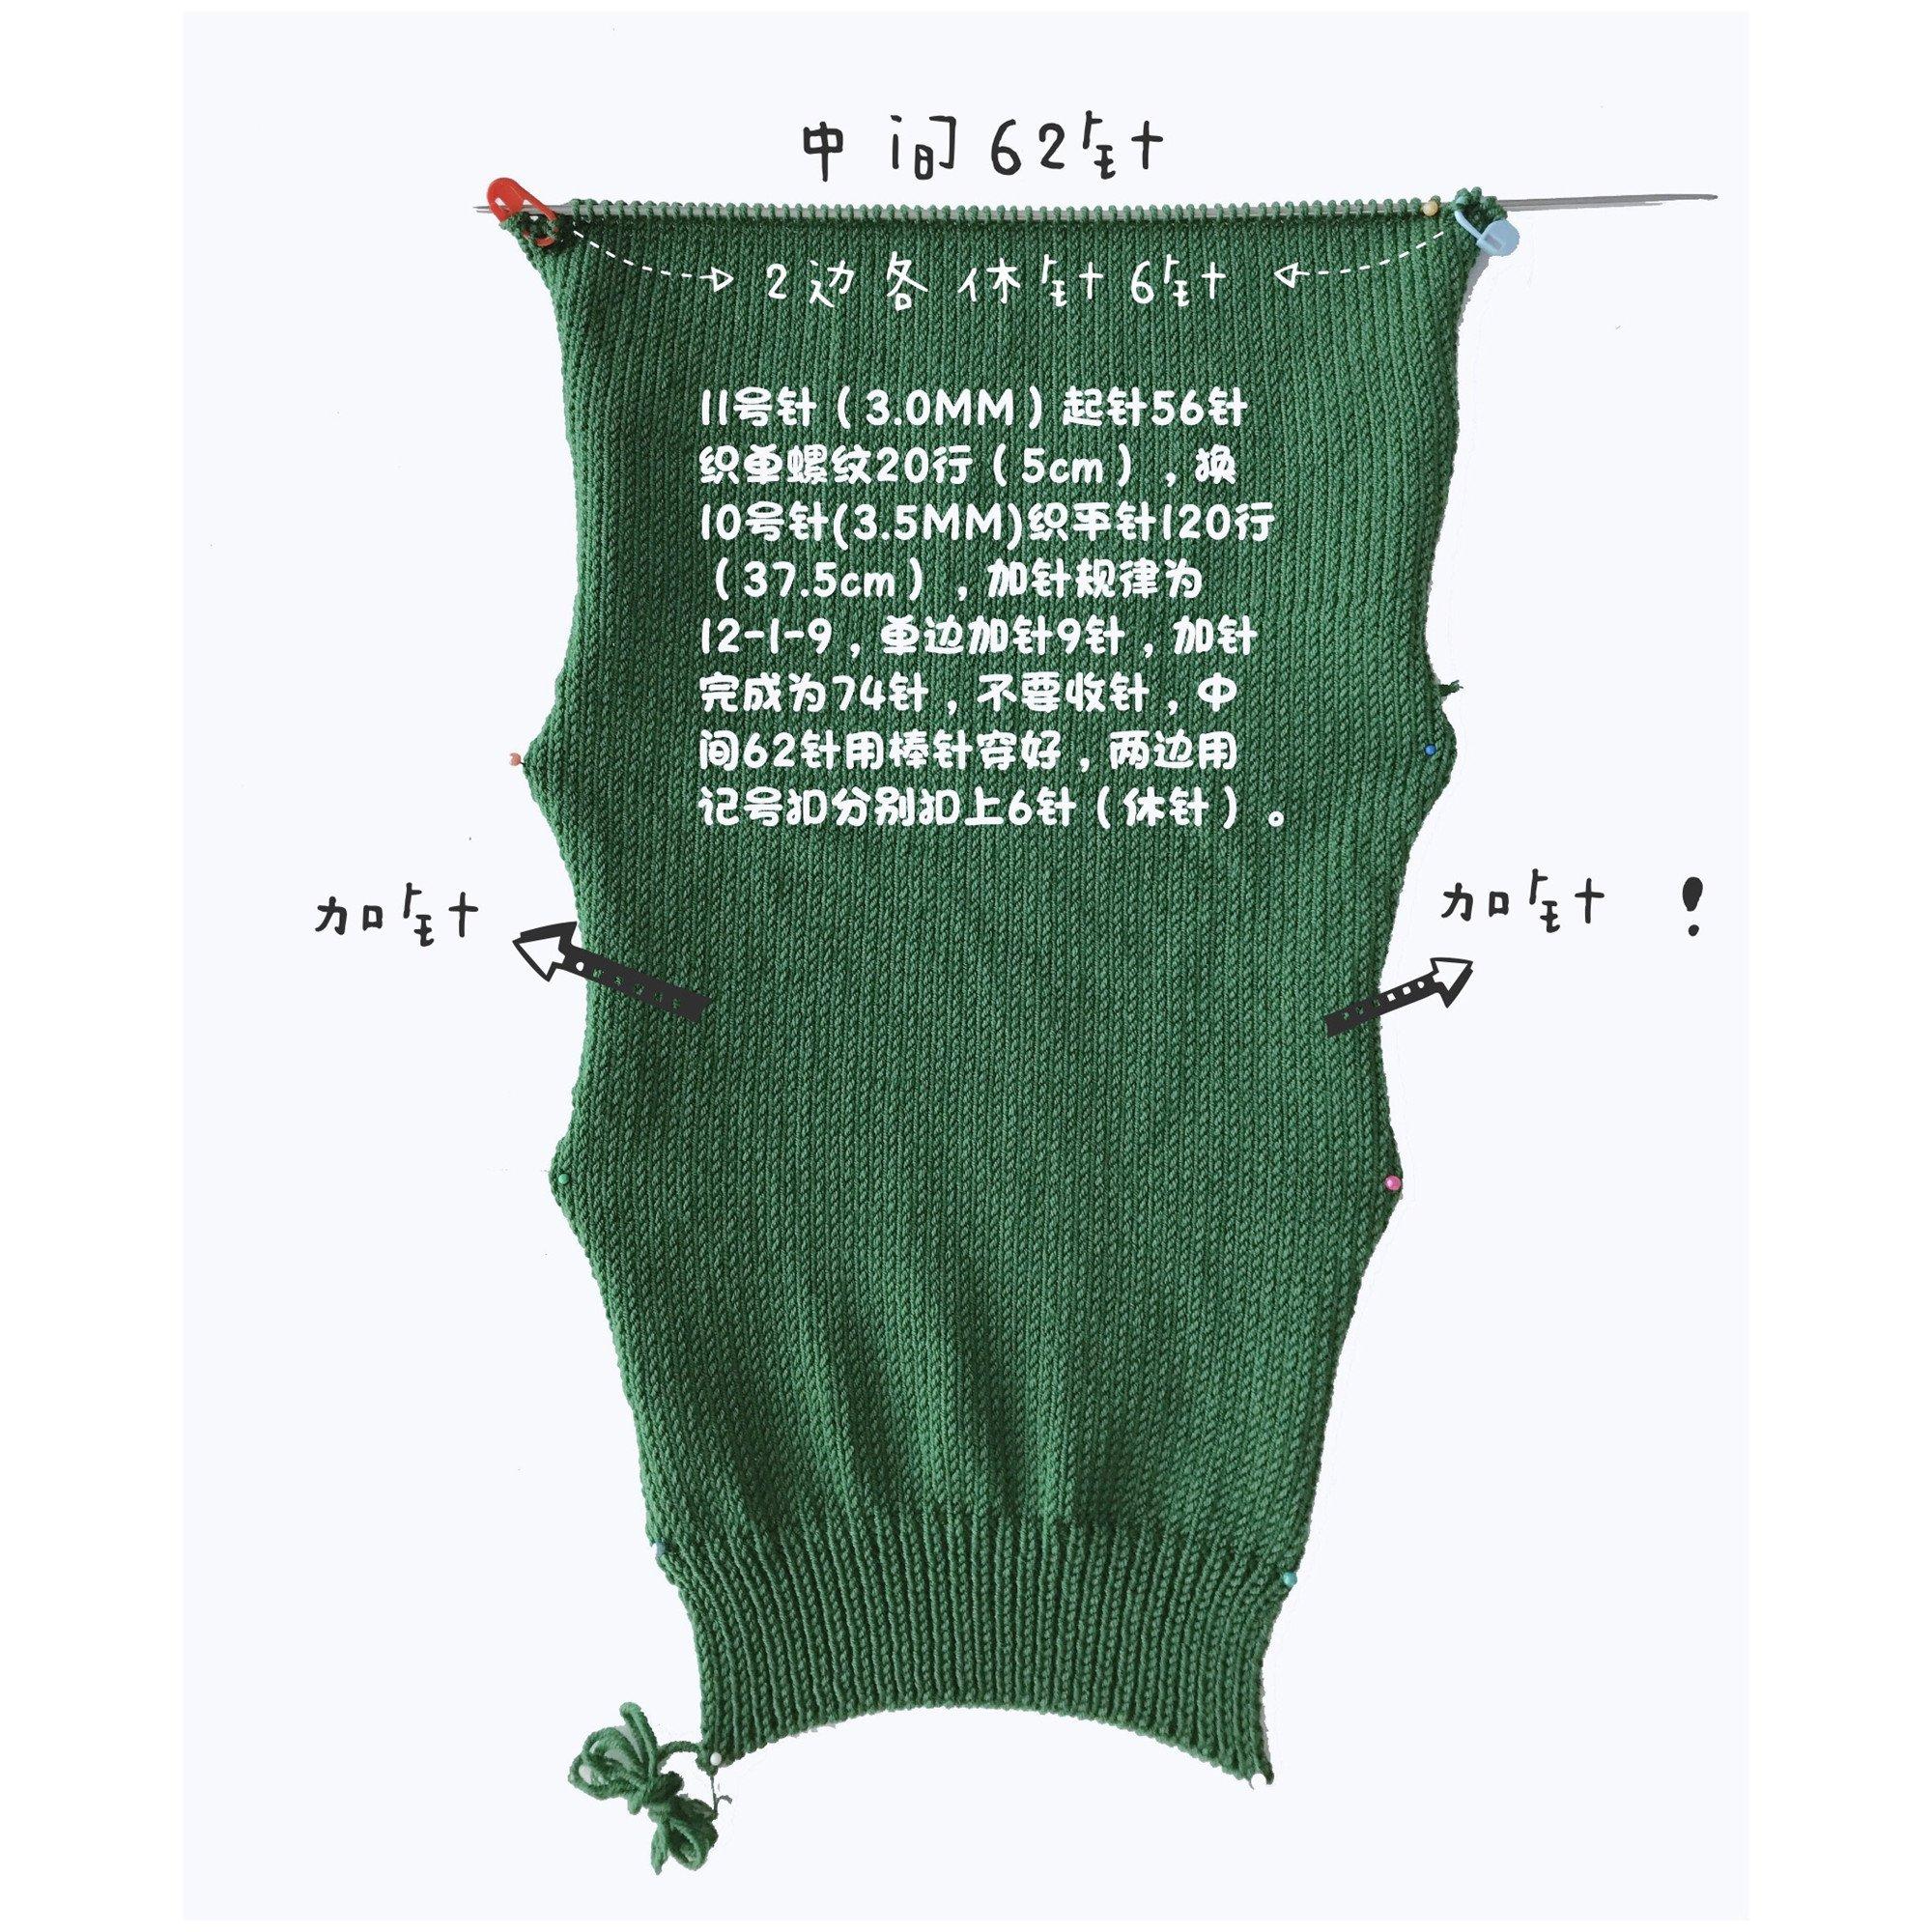 【锦上汀】原创时尚提花毛衣~初秋街头超亮眼~送图解教程~ - 壹一 - 壹一编织博客